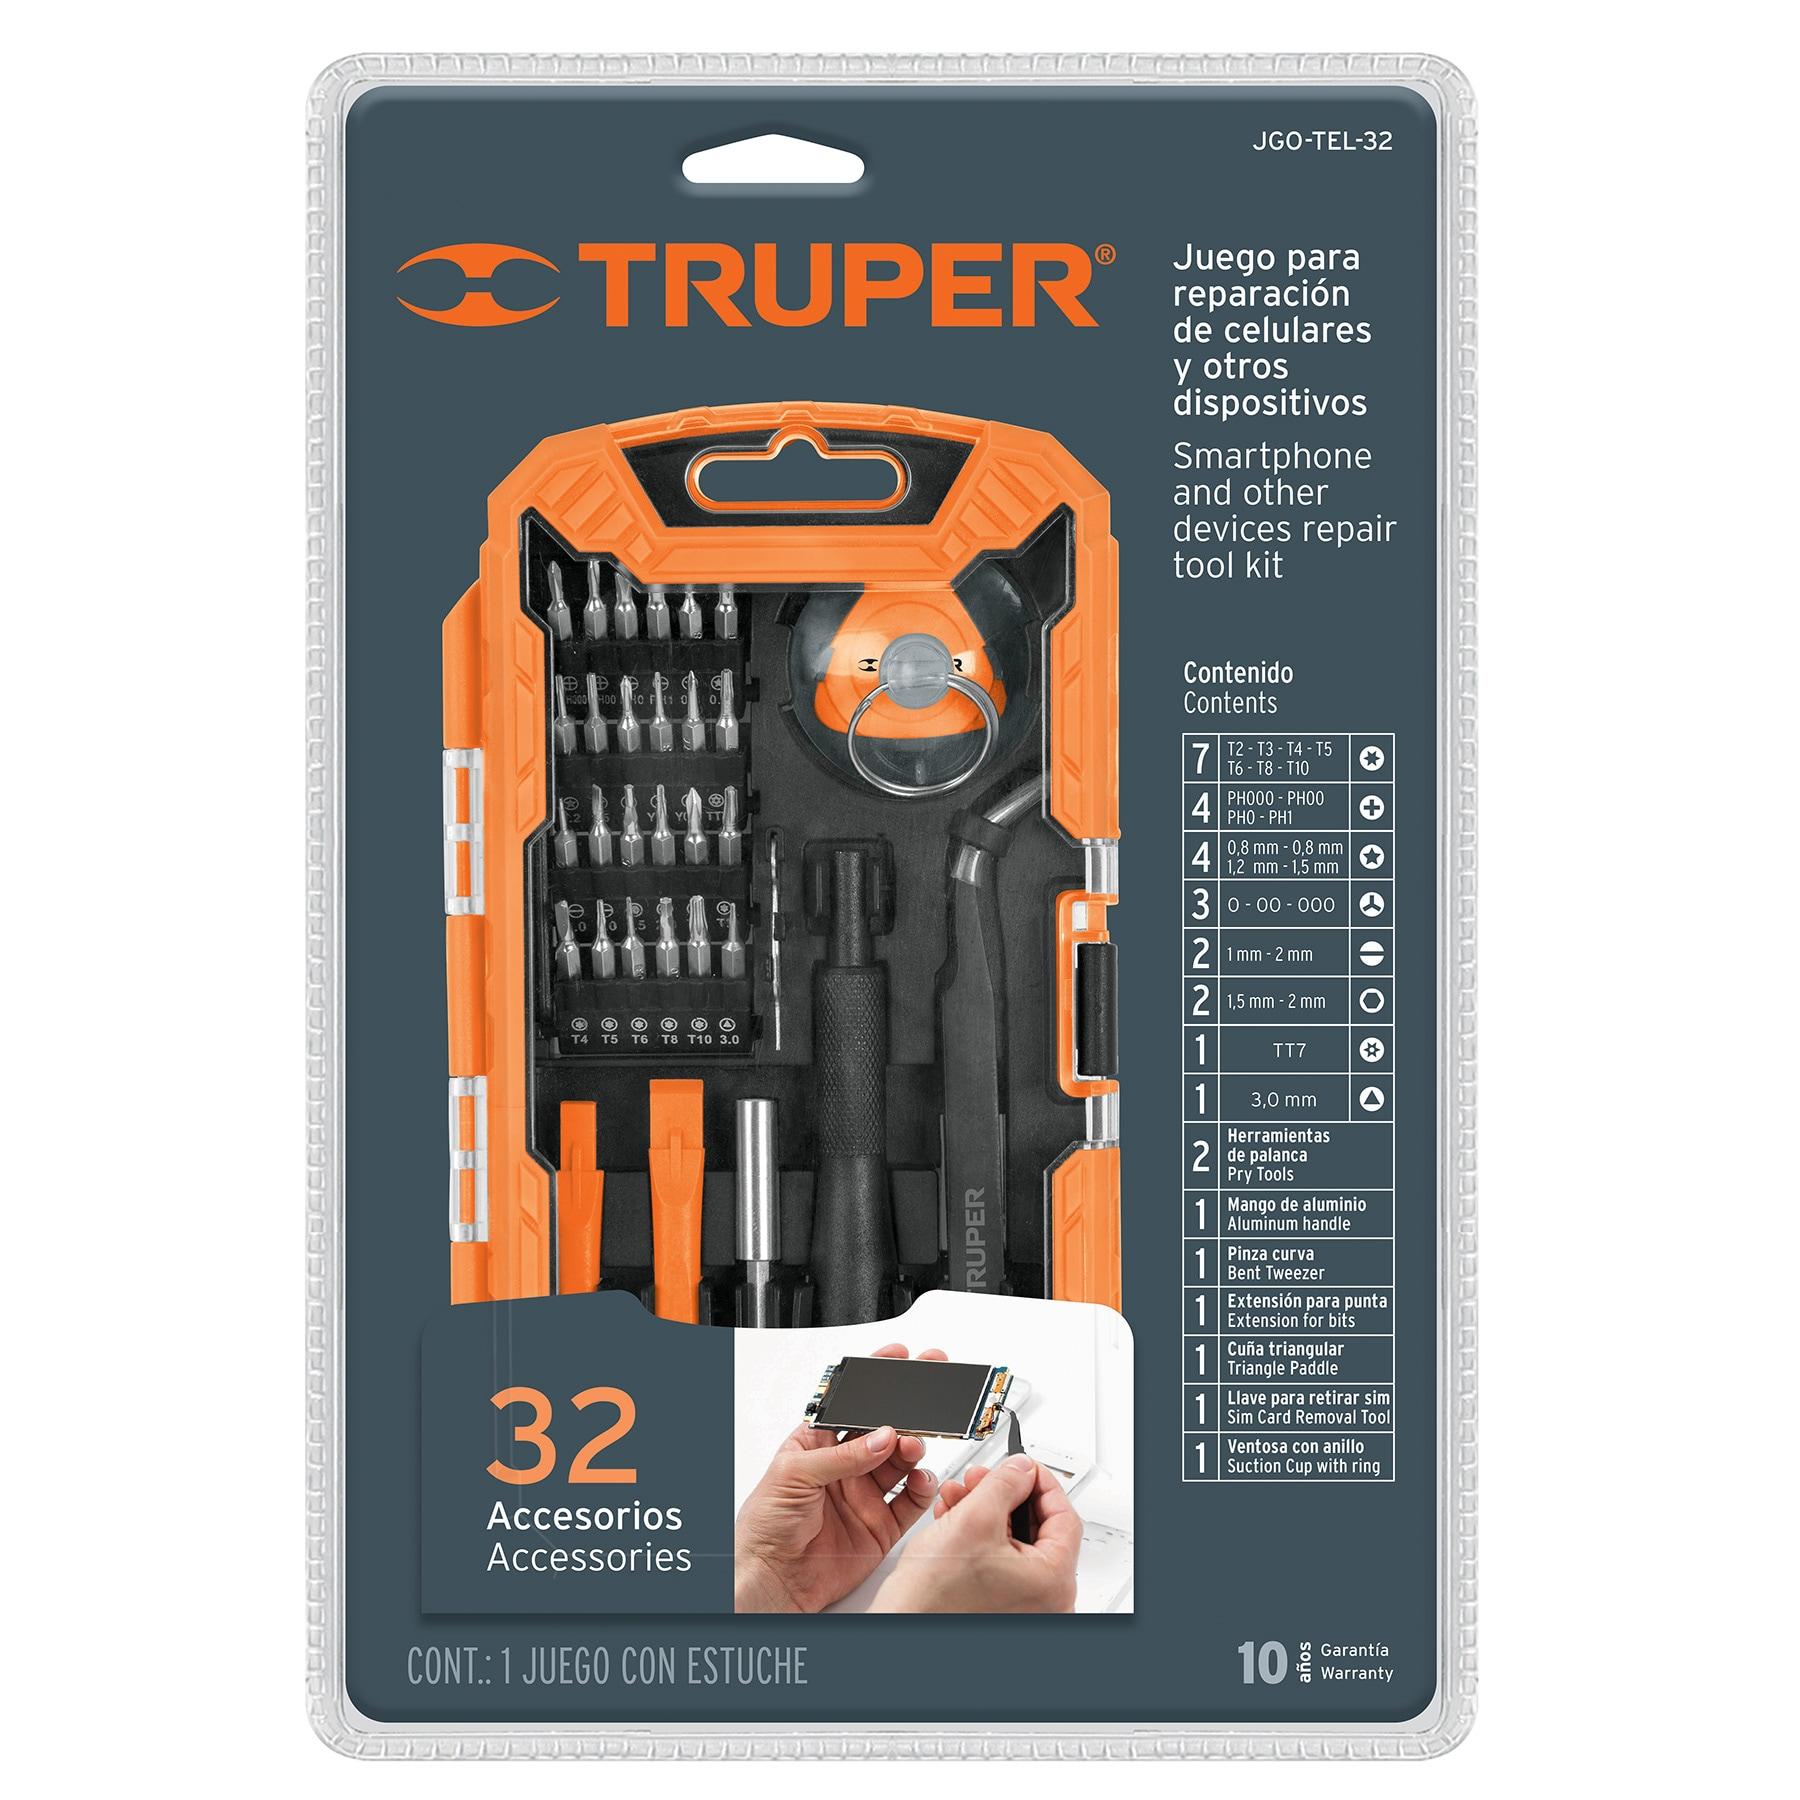 Truper - Juego de herramientas para reparación de celulares 32 piezas